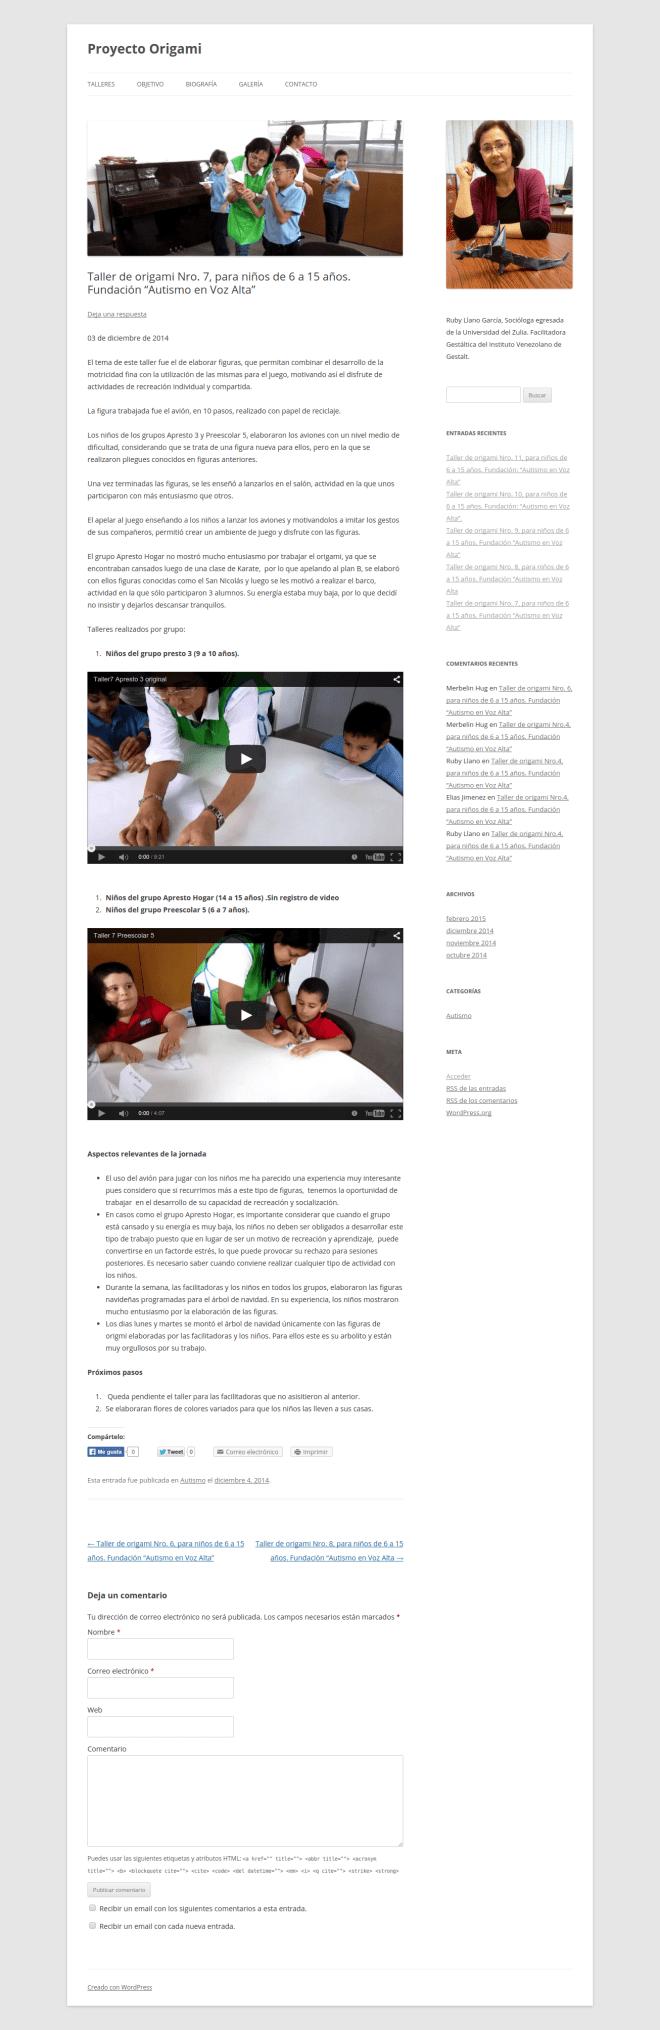 """Taller de origami Nro. 7  para niños de 6 a 15 años. Fundación """"Autismo en Voz Alta""""   Proyecto Origami"""